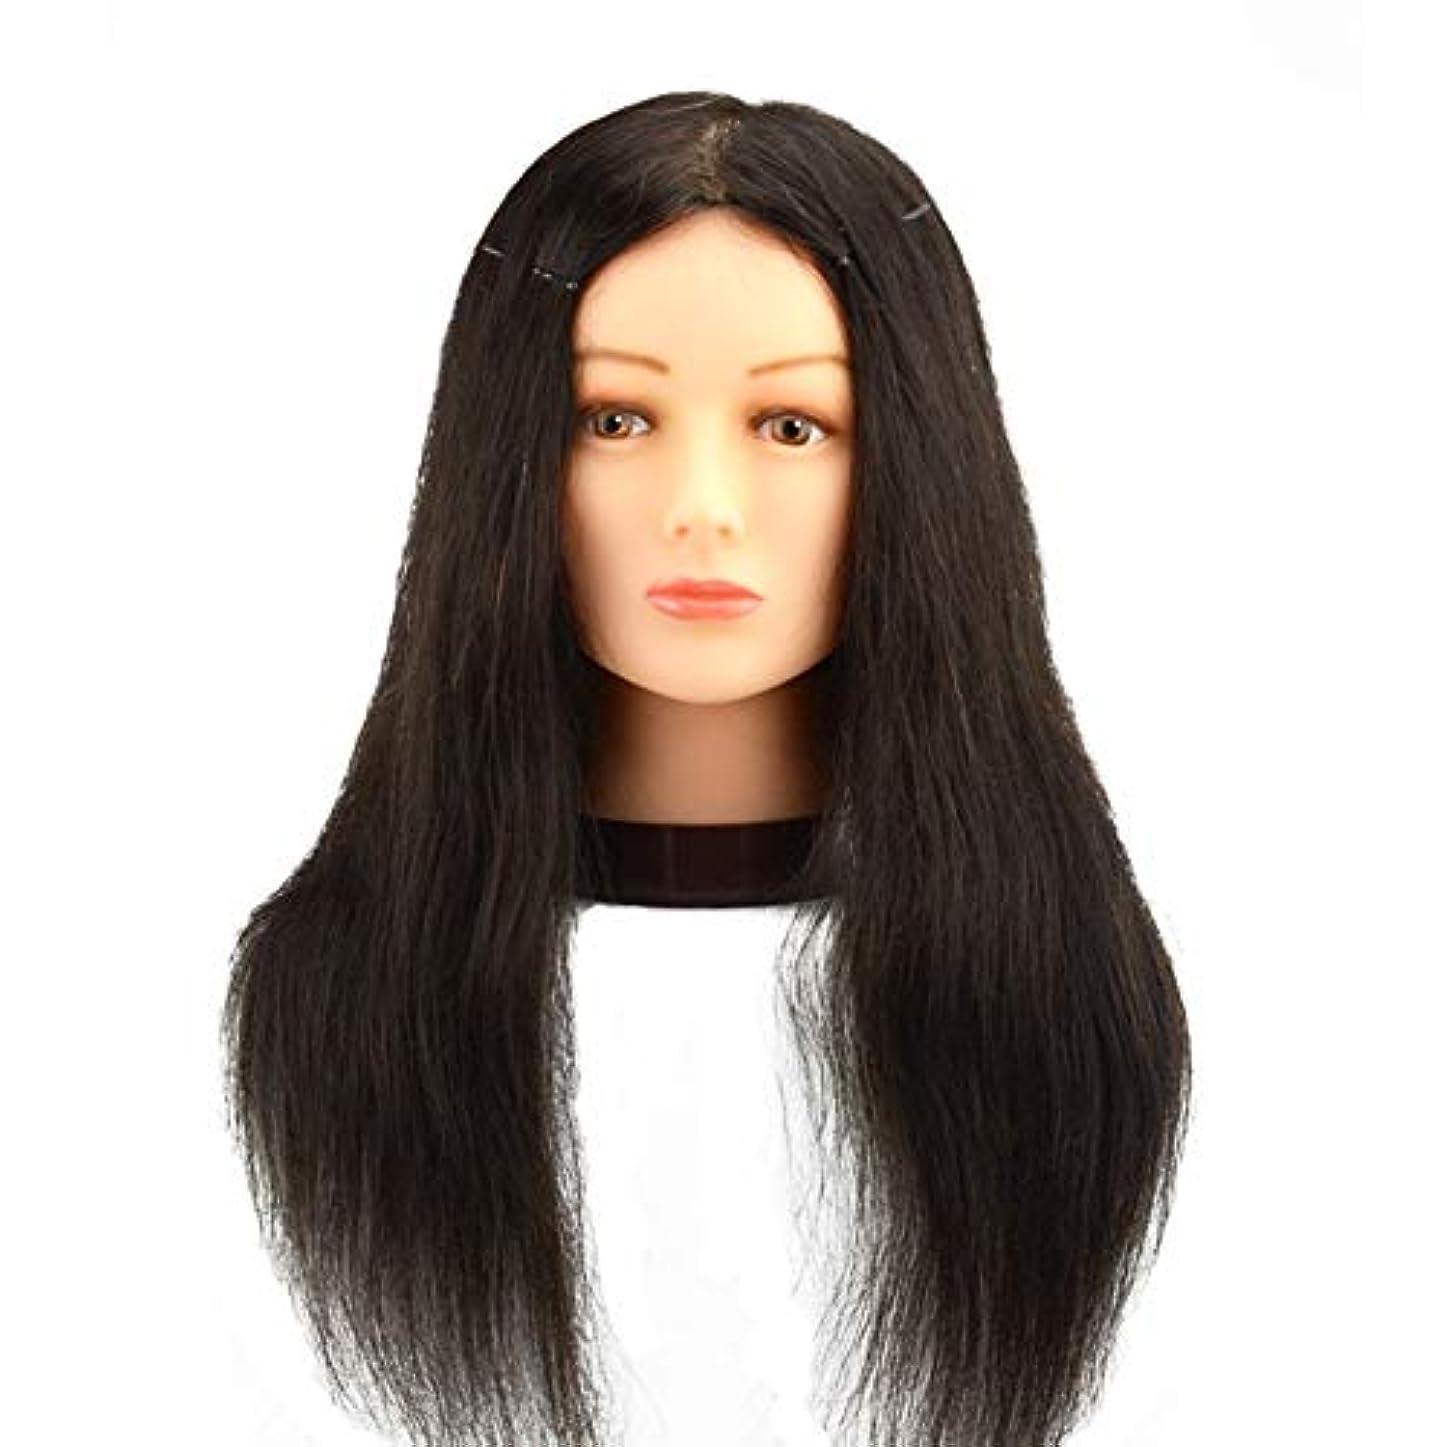 取り替える大学チチカカ湖理髪店パーマ髪染め練習かつらヘッドモデルリアルヘアマネキンヘッド化粧散髪練習ダミーヘッド,20inches